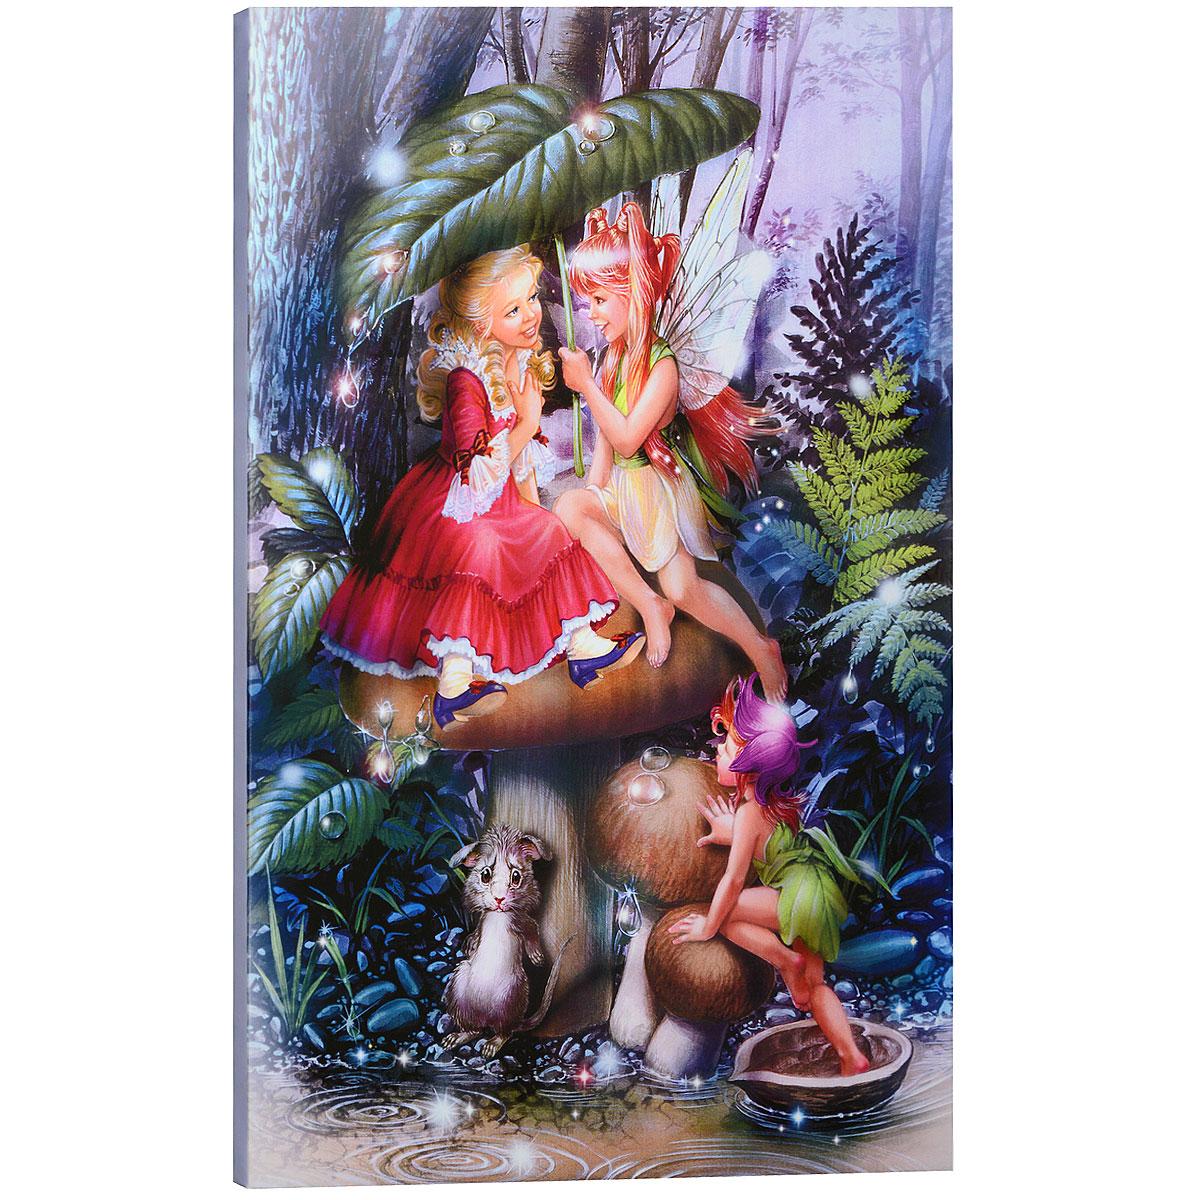 """Картина на холсте КвикДекор """"Гриб"""" автора Зорина Балдеску дополнит обстановку интерьера яркими красками и необычным оформлением. Изделие представляет собой картину с латексной печатью на натуральном хлопчатобумажном холсте. Галерейная натяжка холста на подрамники выполнена очень аккуратно, а боковые части картины запечатаны тоновой заливкой. Обратная сторона подрамника содержит отверстие, благодаря которому картину можно легко закрепить на стене и подкорректировать ее положение. Автор картины специализируется на создании восхитительных сказочных образов - русалок, принцесс, фей, единорогов и многих других. Сказки, иллюстрированные Зориной, - особый, волшебный и очаровательный мир, подаренный нам художницей посредством ее искусства и неисчерпаемой фантазии. Картина """"Гриб"""" отлично подойдет к интерьеру не только детской комнаты, но и гостиной. Картина поставляется в стрейч-пленке с защитными картонными уголками, упакована в гофрокоробку с термоусадкой."""